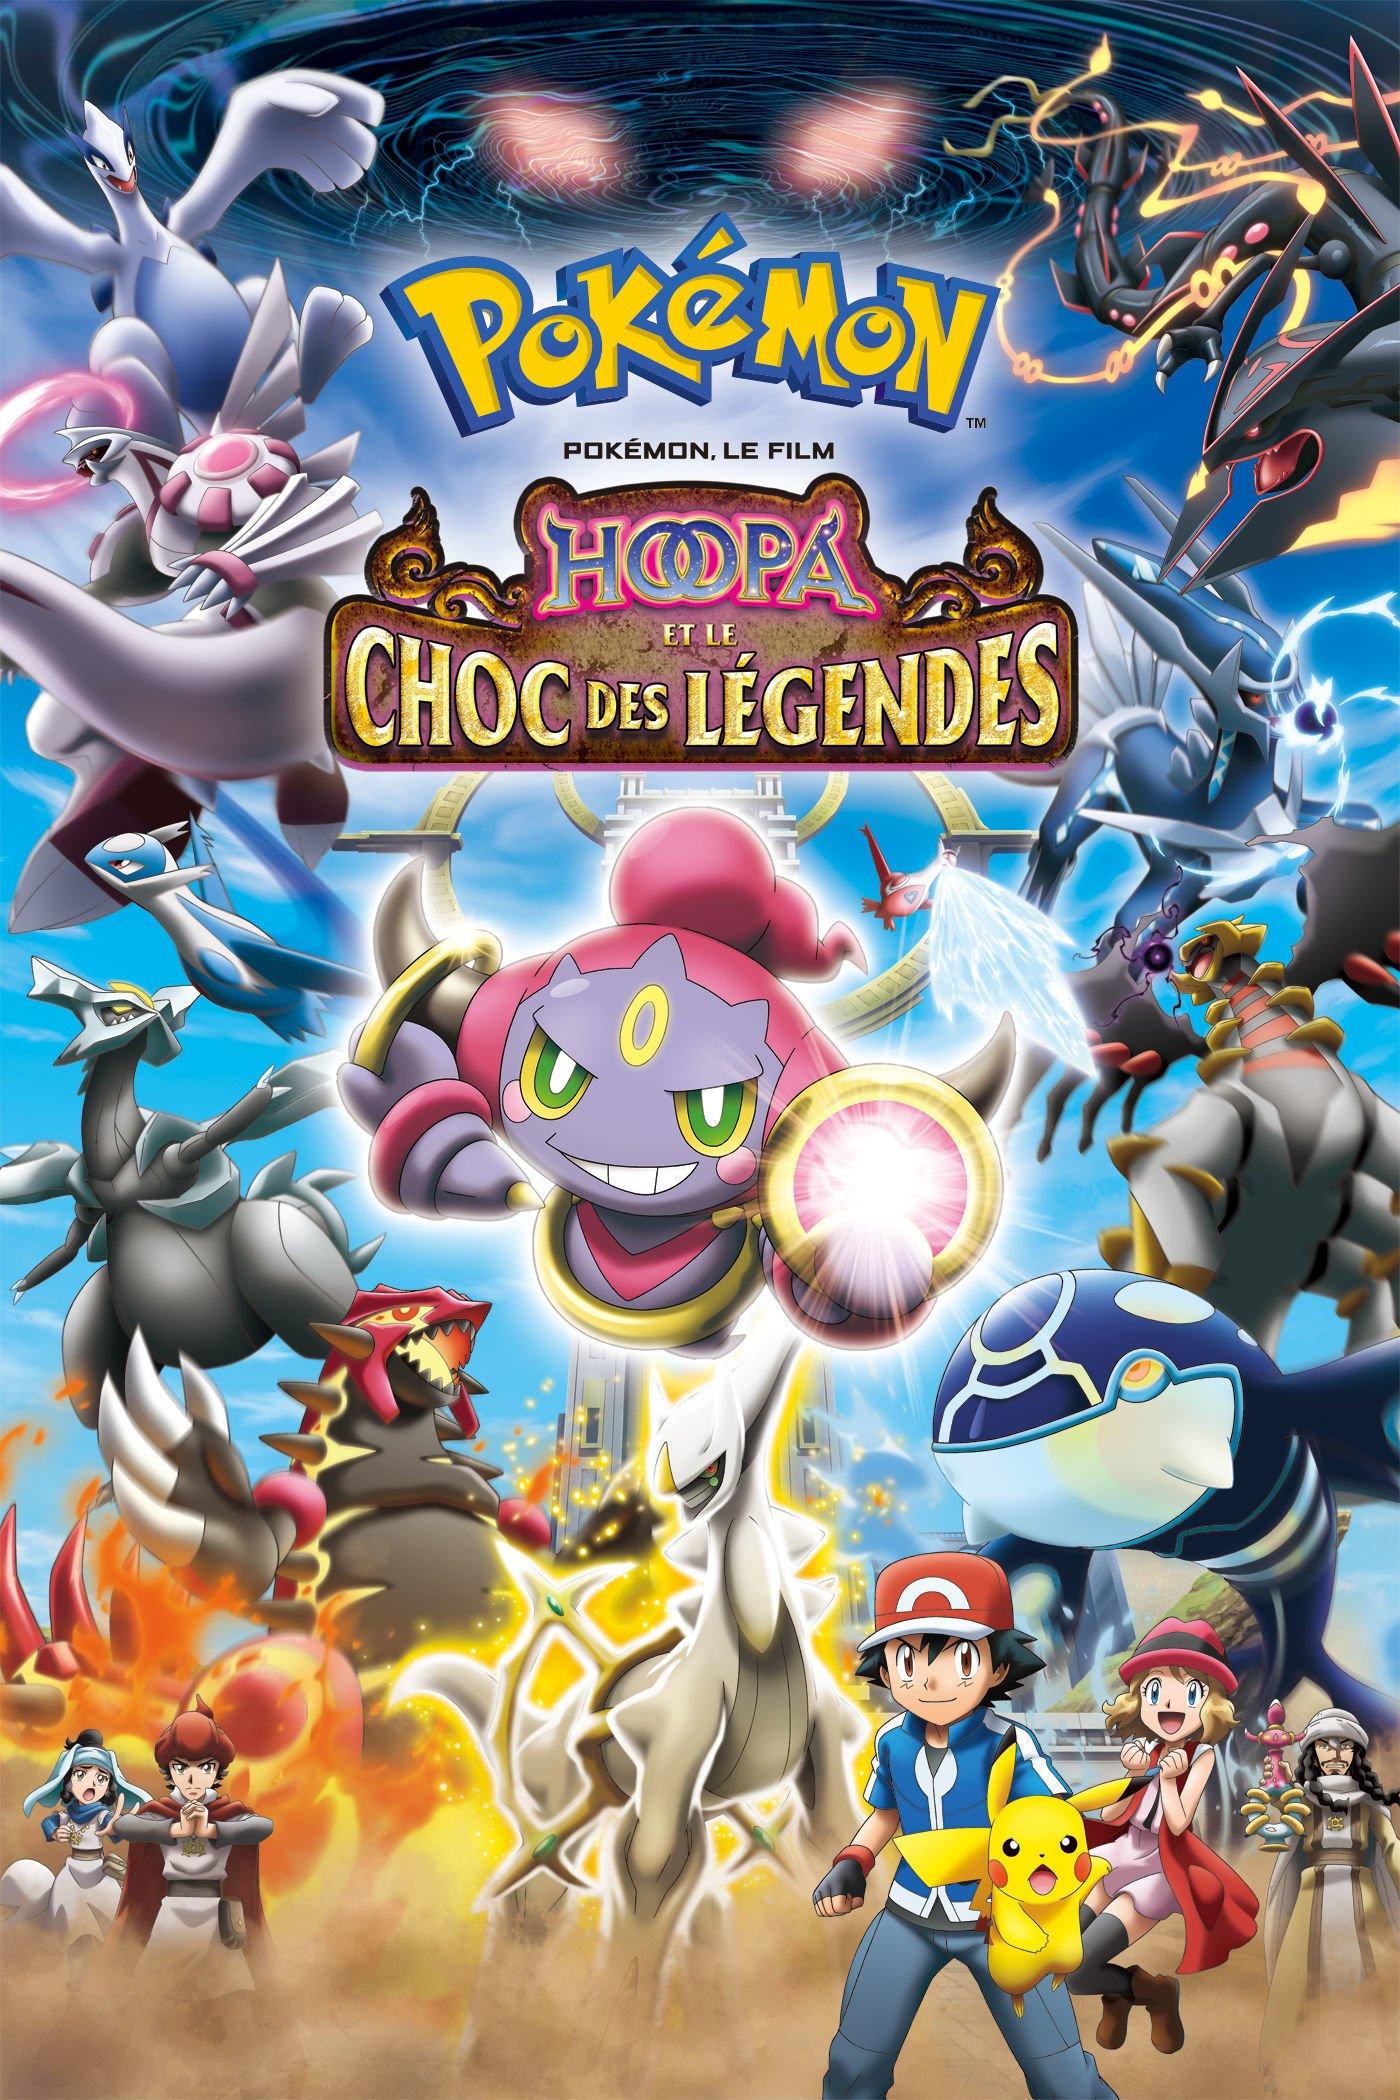 affiche du film Pokémon, le film : Hoopa et le choc des légendes